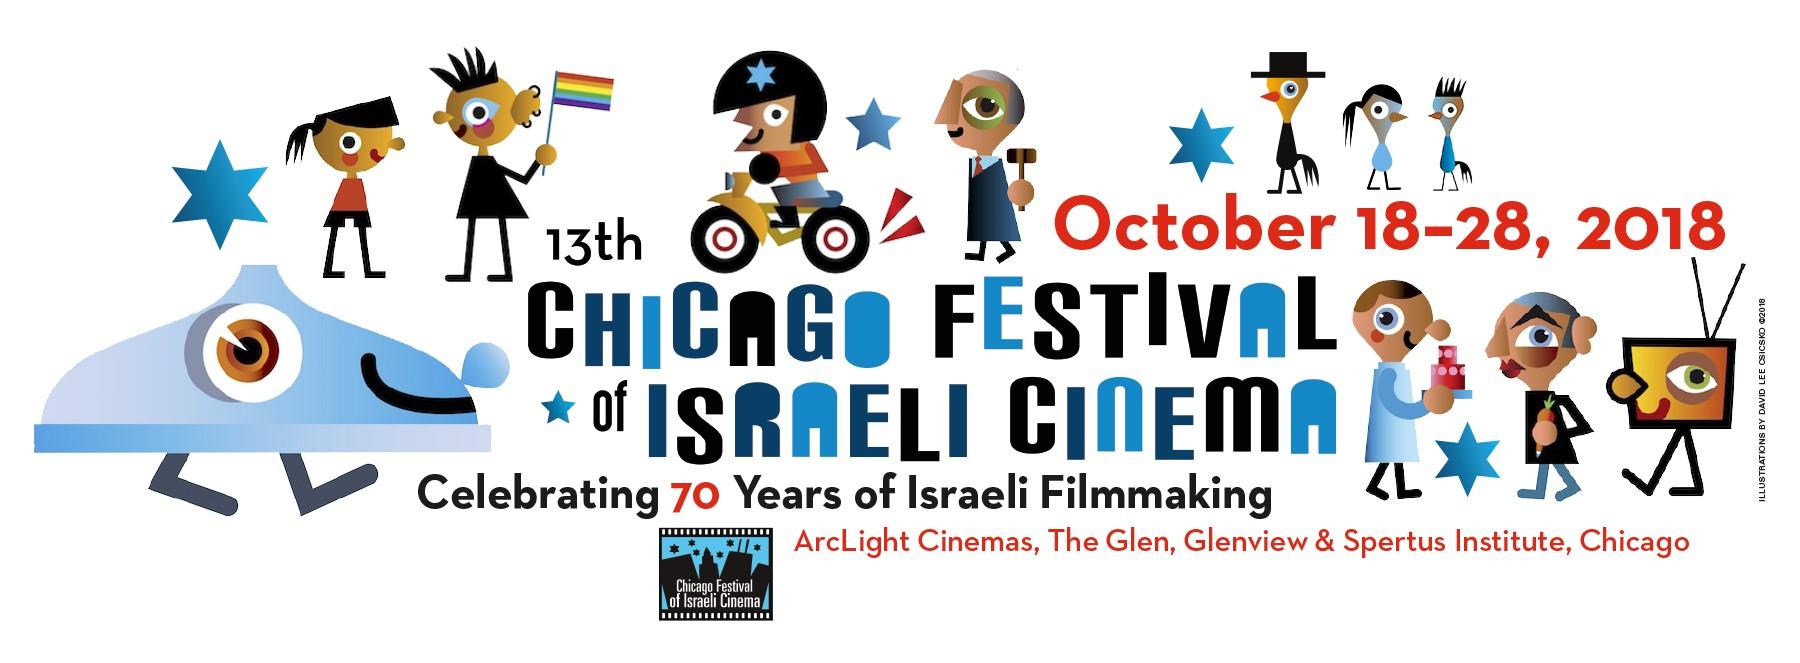 Chicago Festival of Israeli Cinema